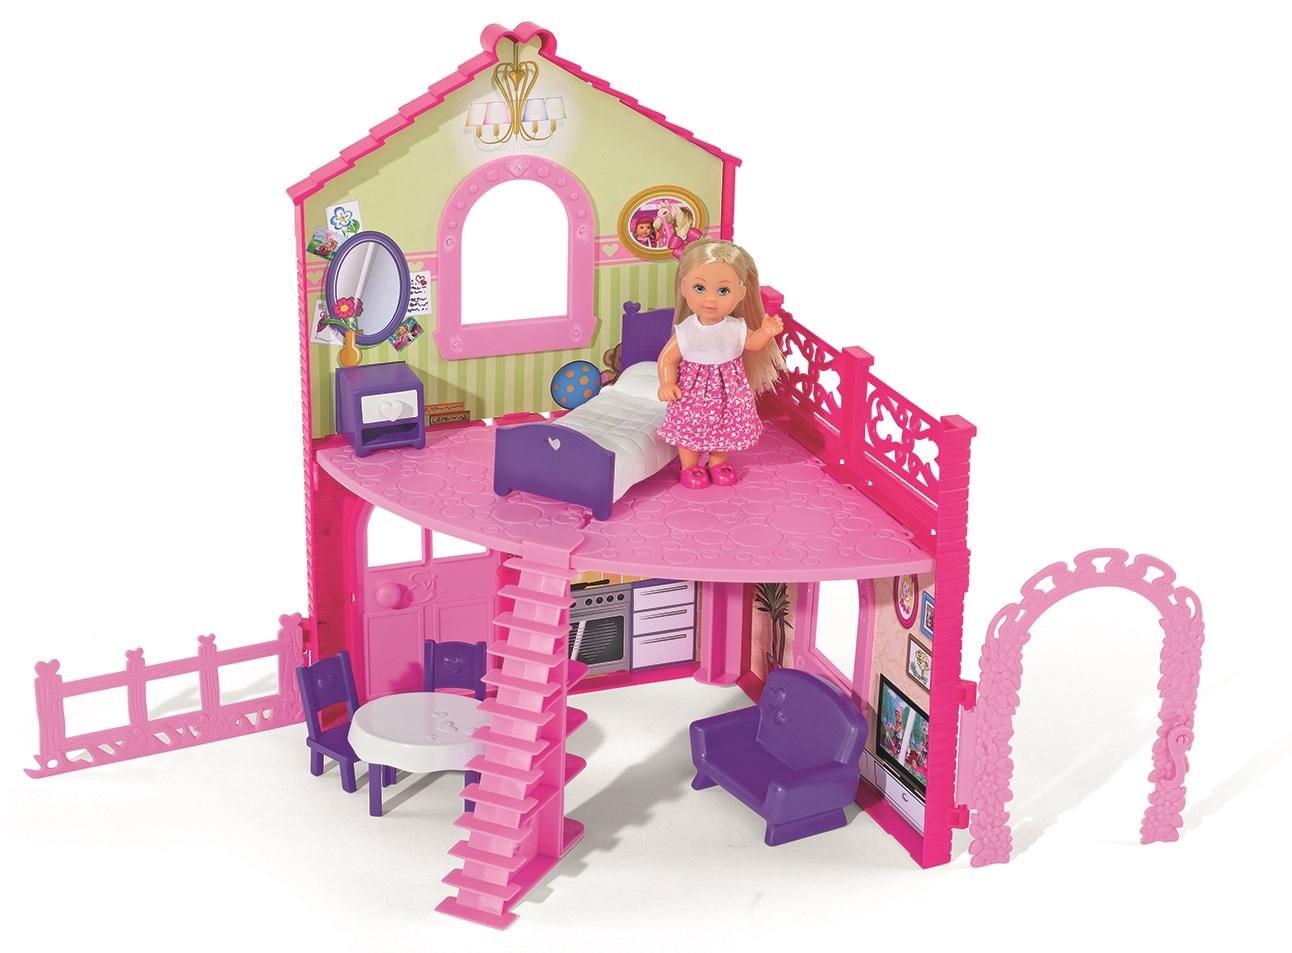 Еви в двухэтажном домеКуклы Еви<br>Еви в двухэтажном доме<br>